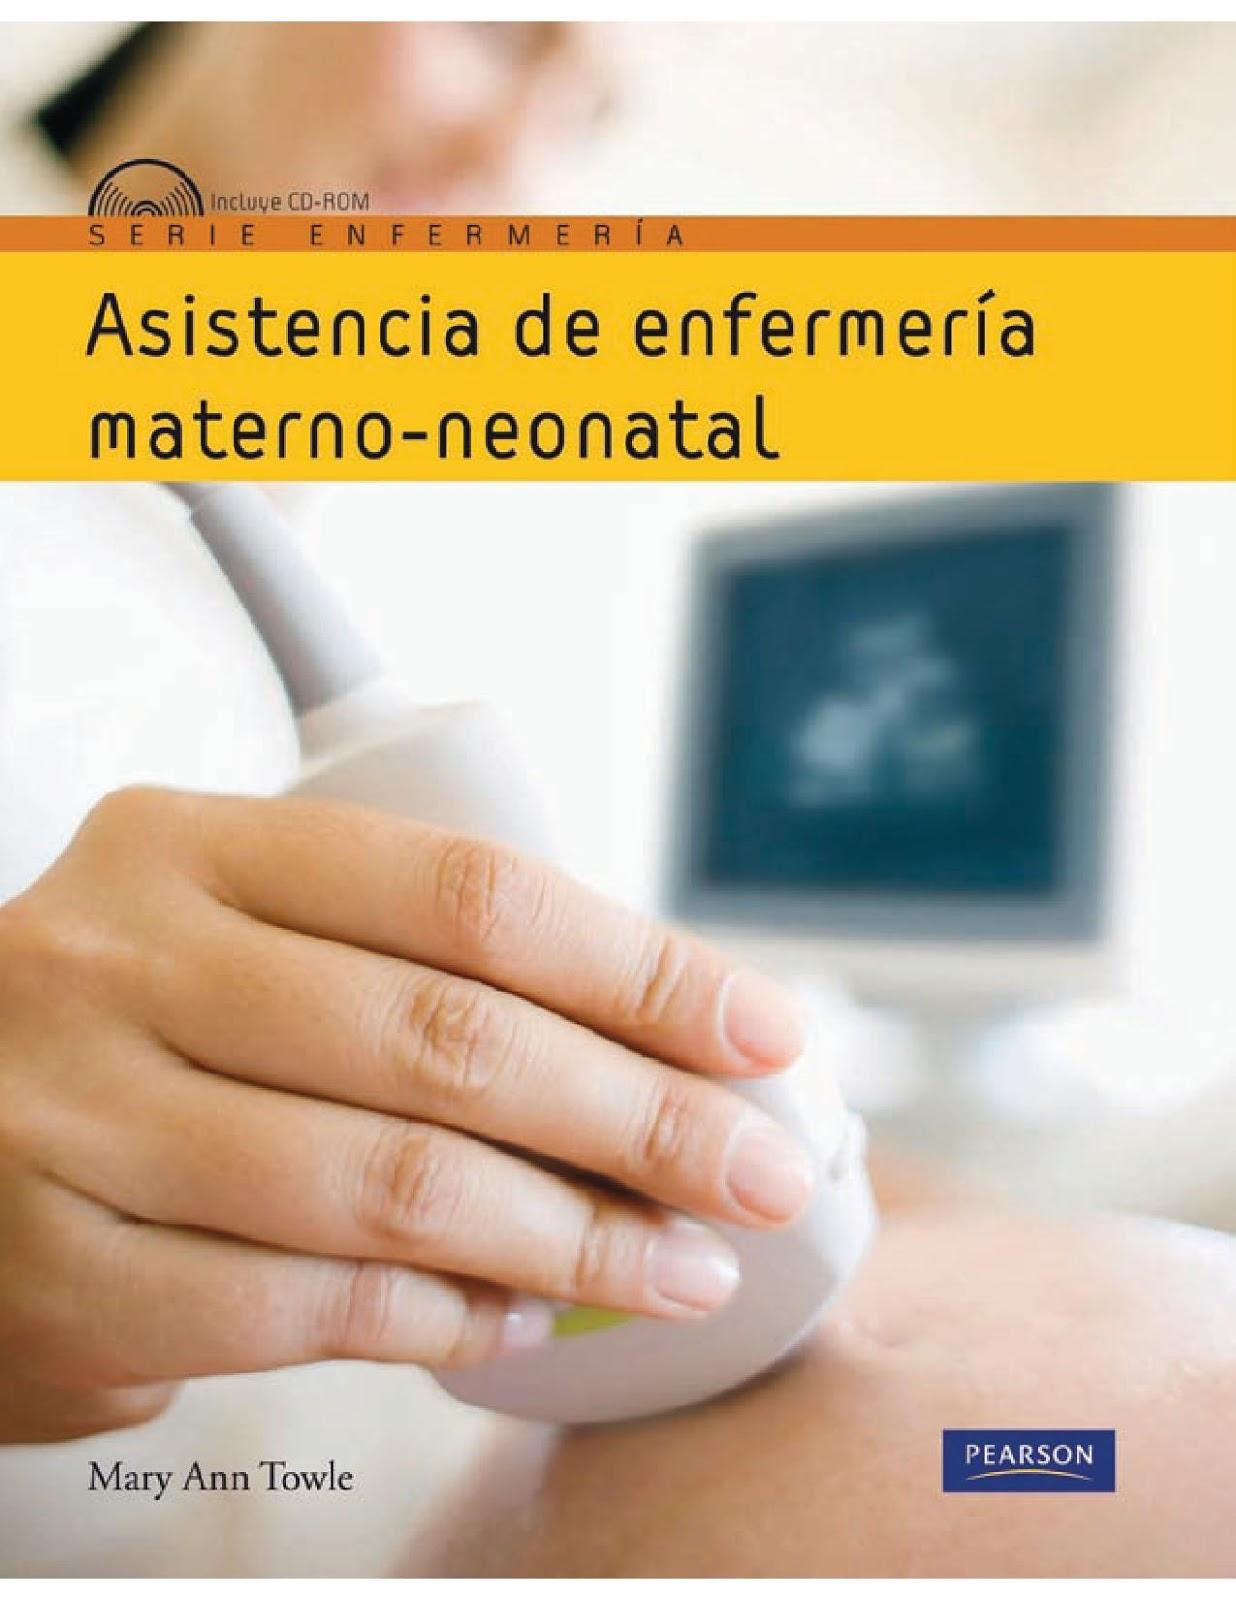 Perfecto Pearson Anatomía Humana Patrón - Imágenes de Anatomía ...